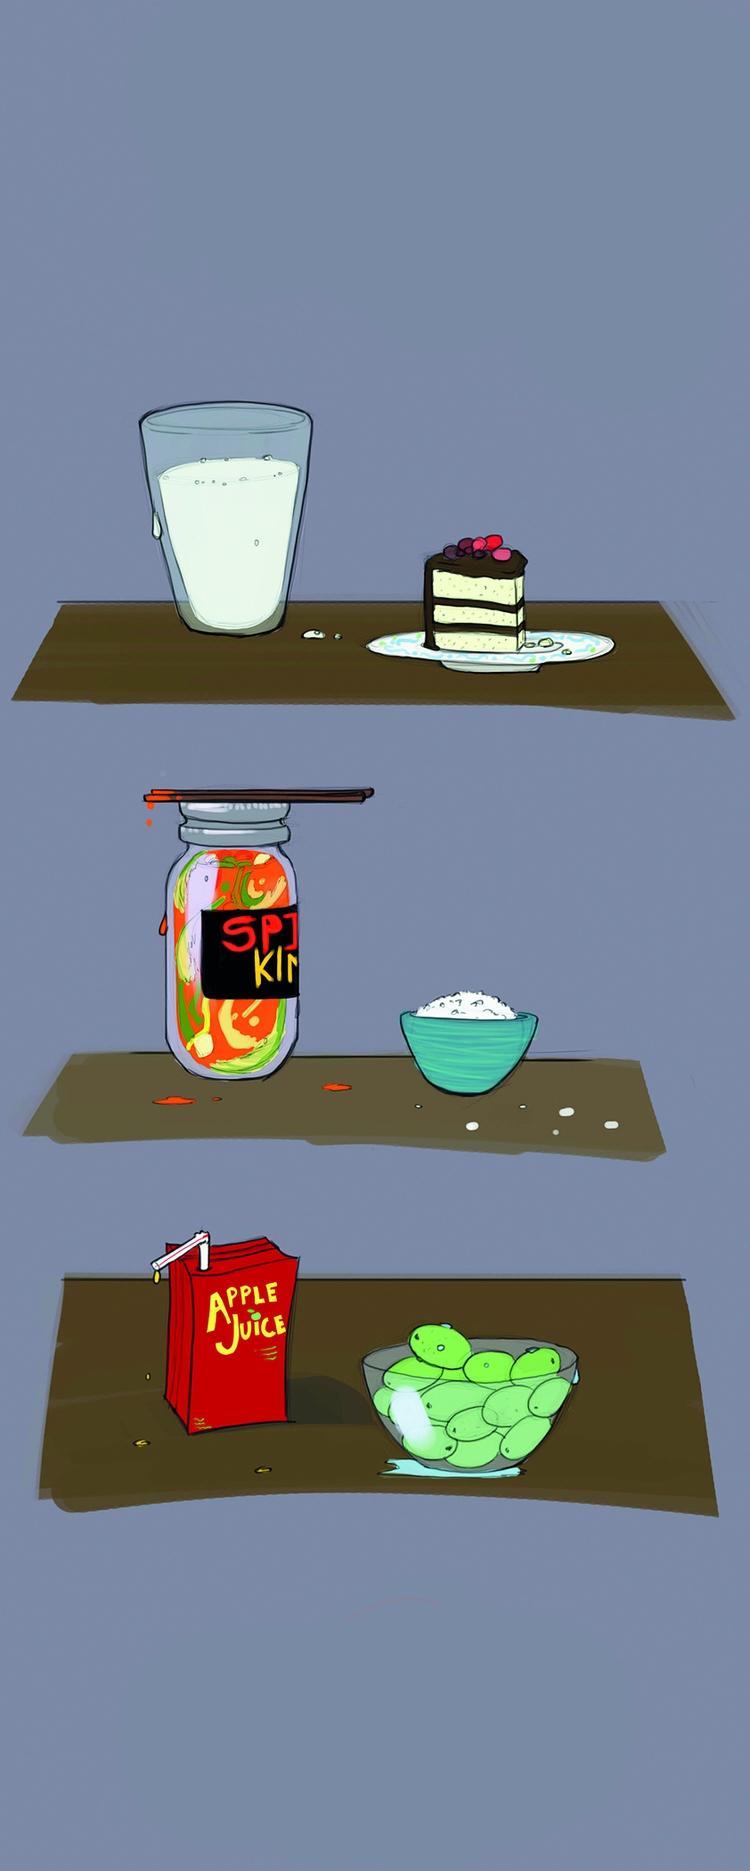 snackconcept, conceptart, art - symonec27 | ello